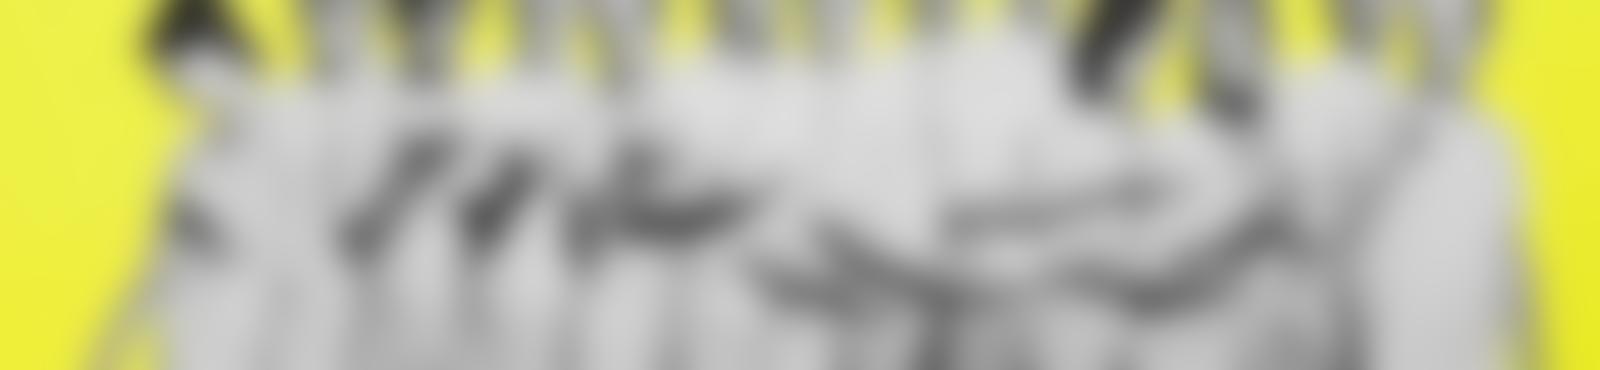 Blurred c7c4fa38 8a95 402e aa67 ea396800d8db